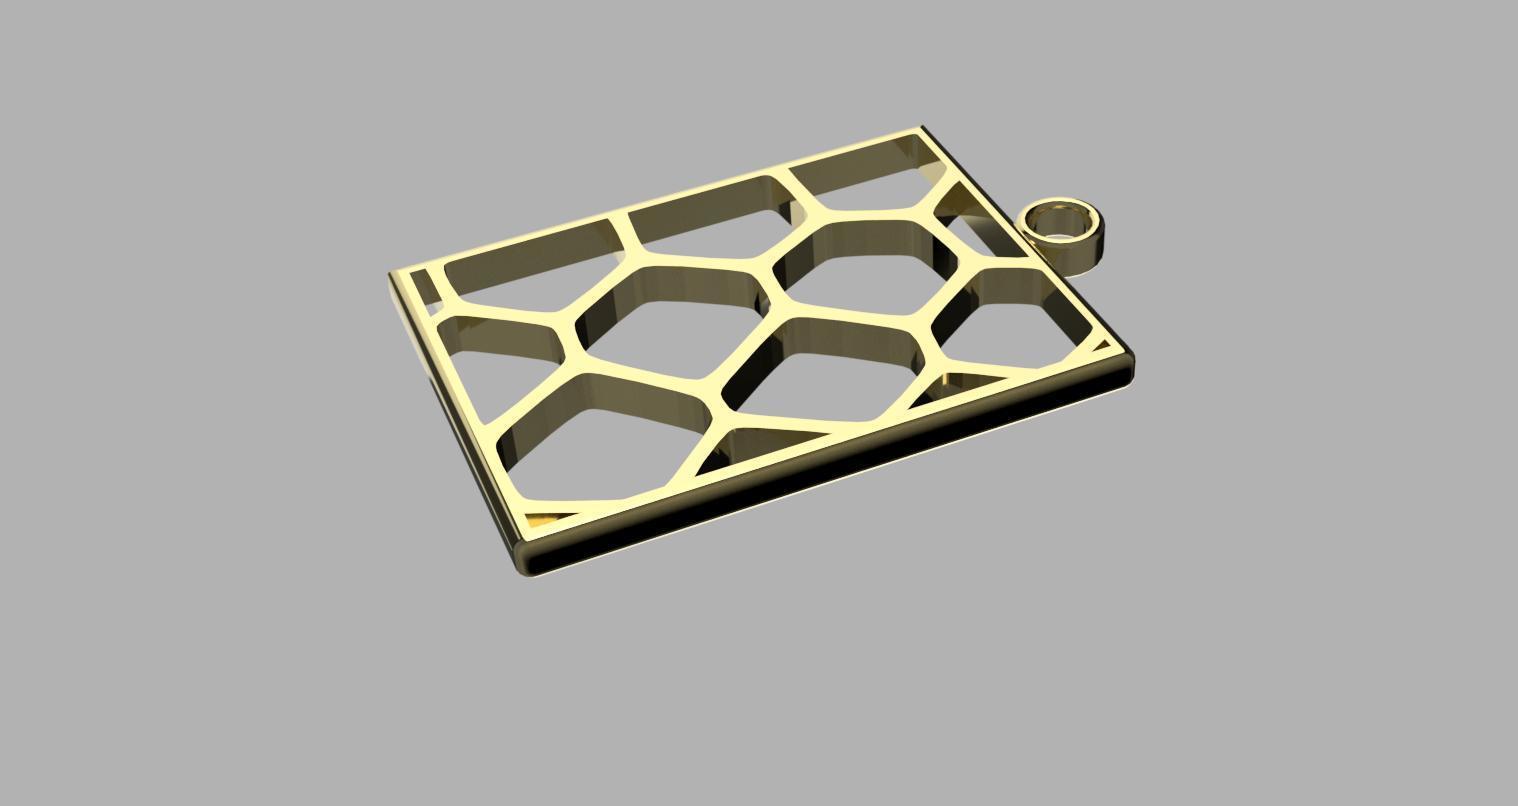 Voronoi Earrings v1.jpg Download STL file Voronoi Earrings • 3D printing design, eMBe85